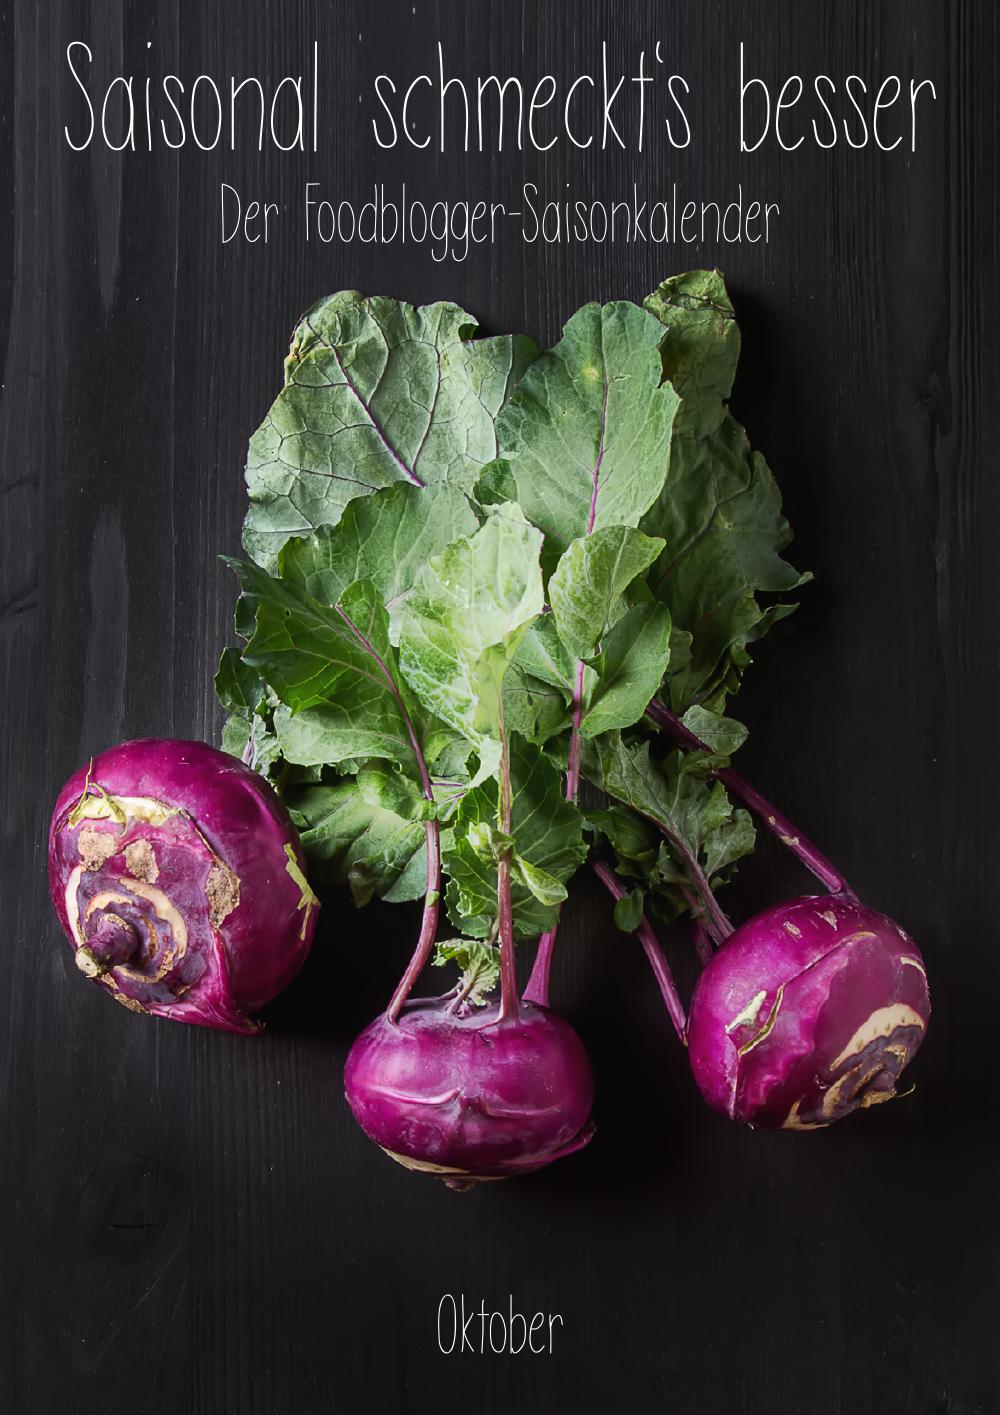 Saisonal schmeckts besser - Der Foodblogger Saisonkalender - Oktober